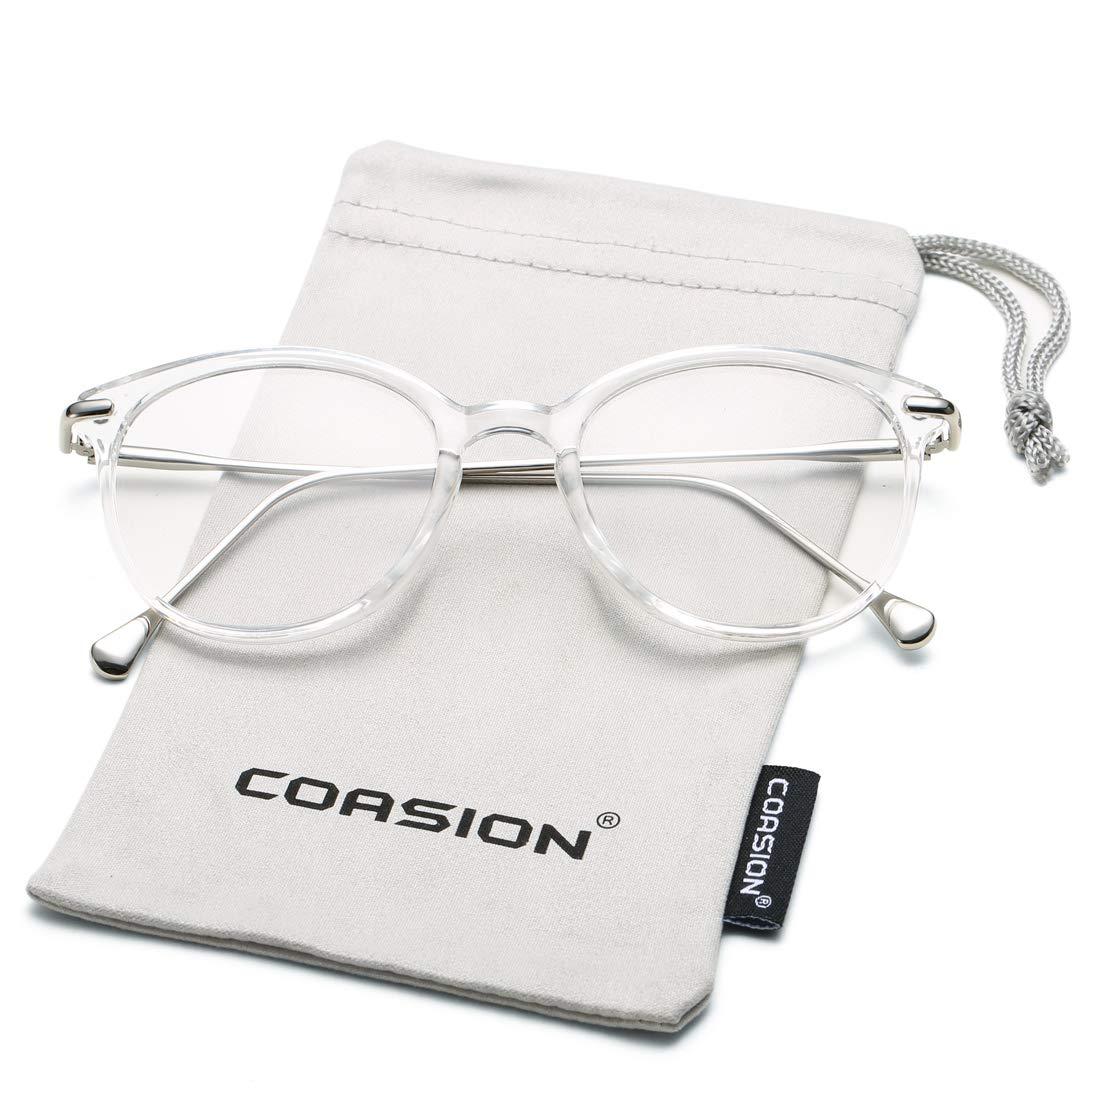 3df2a7a557e Details about COASION Vintage Round Clear Glasses Non-Prescription  Eyeglasses Frames for Women